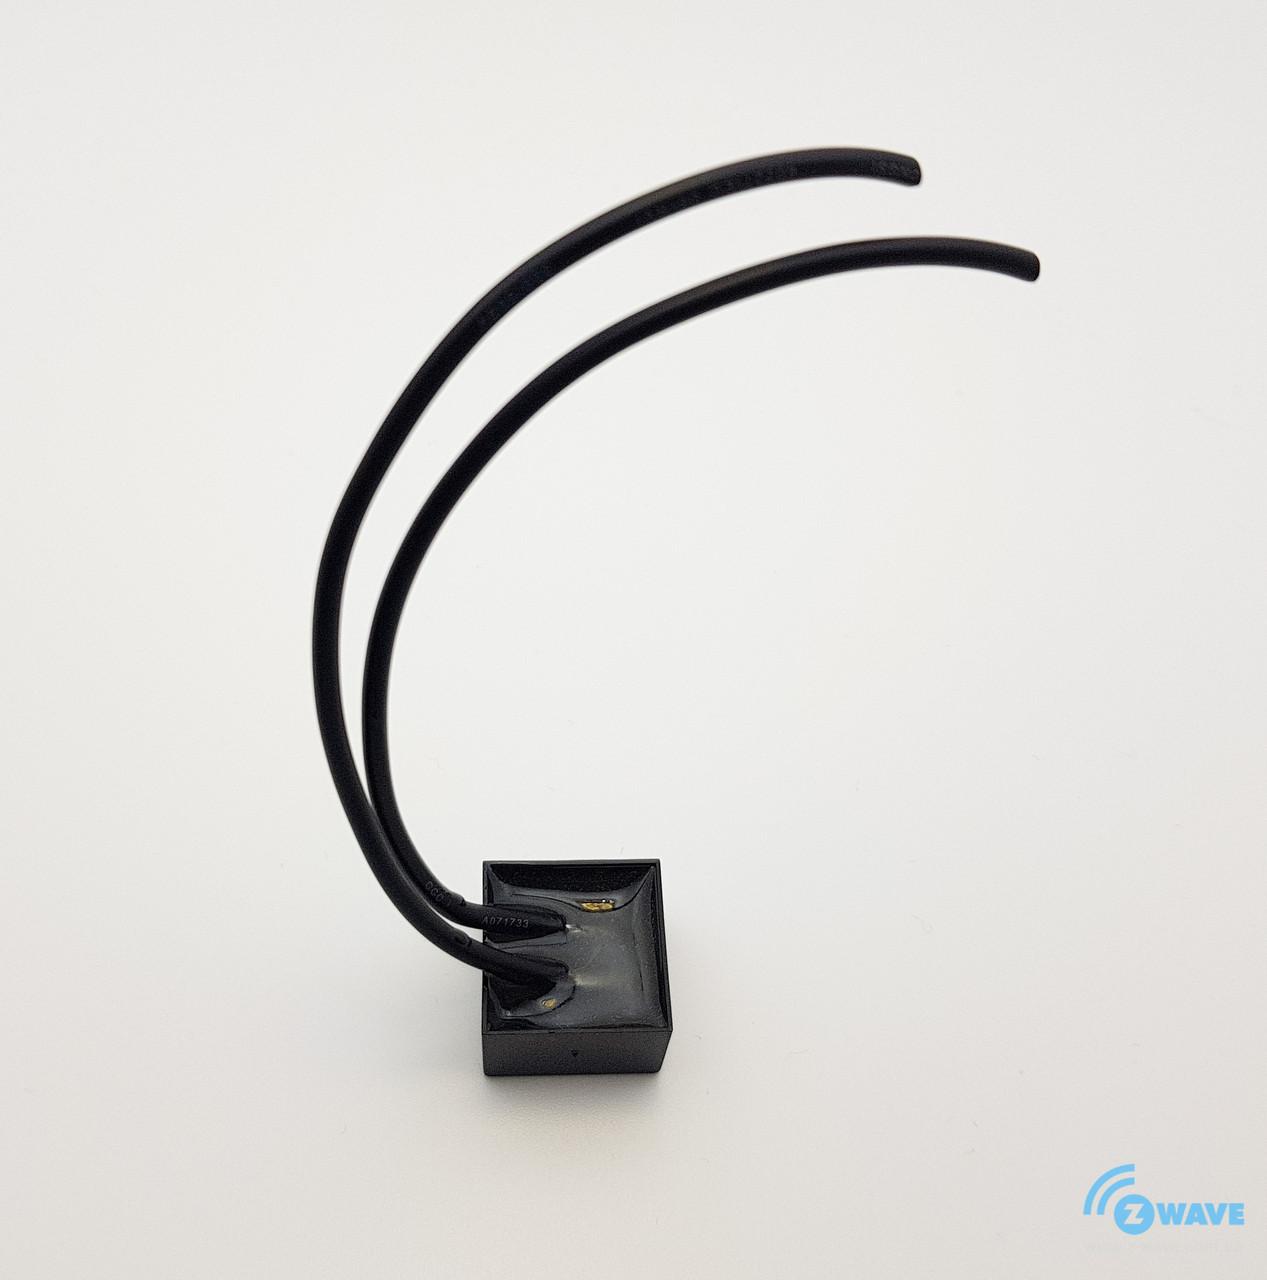 Устройство для плавного пуска светодиодных Led ламп